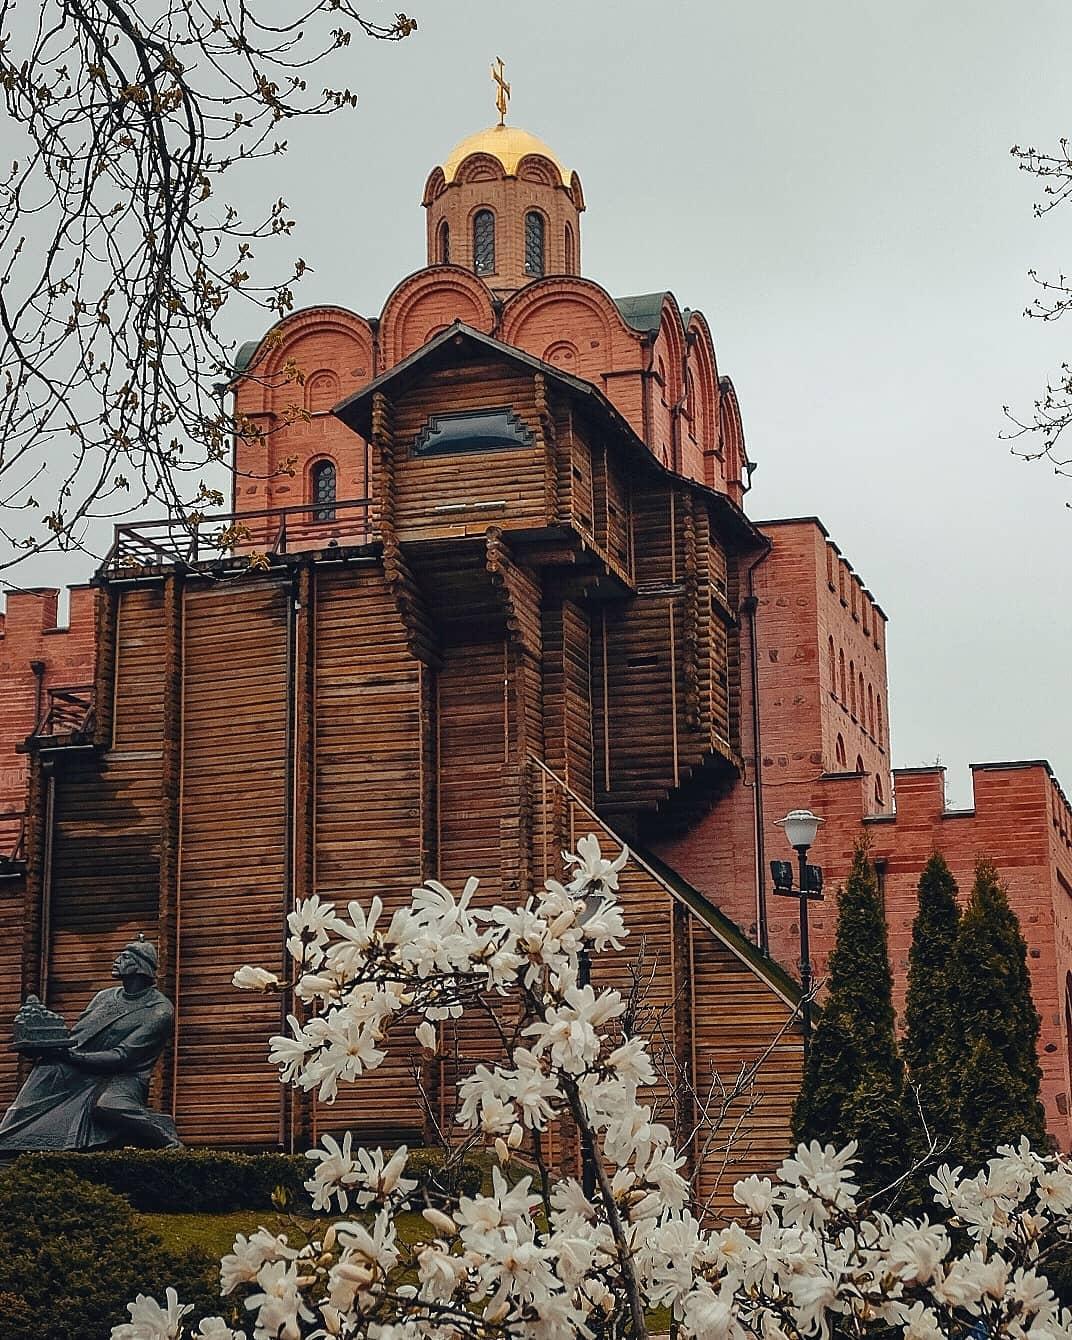 Золотые ворота в апреле выглядят наиболее загадочно. Фото: @street_photo_vl